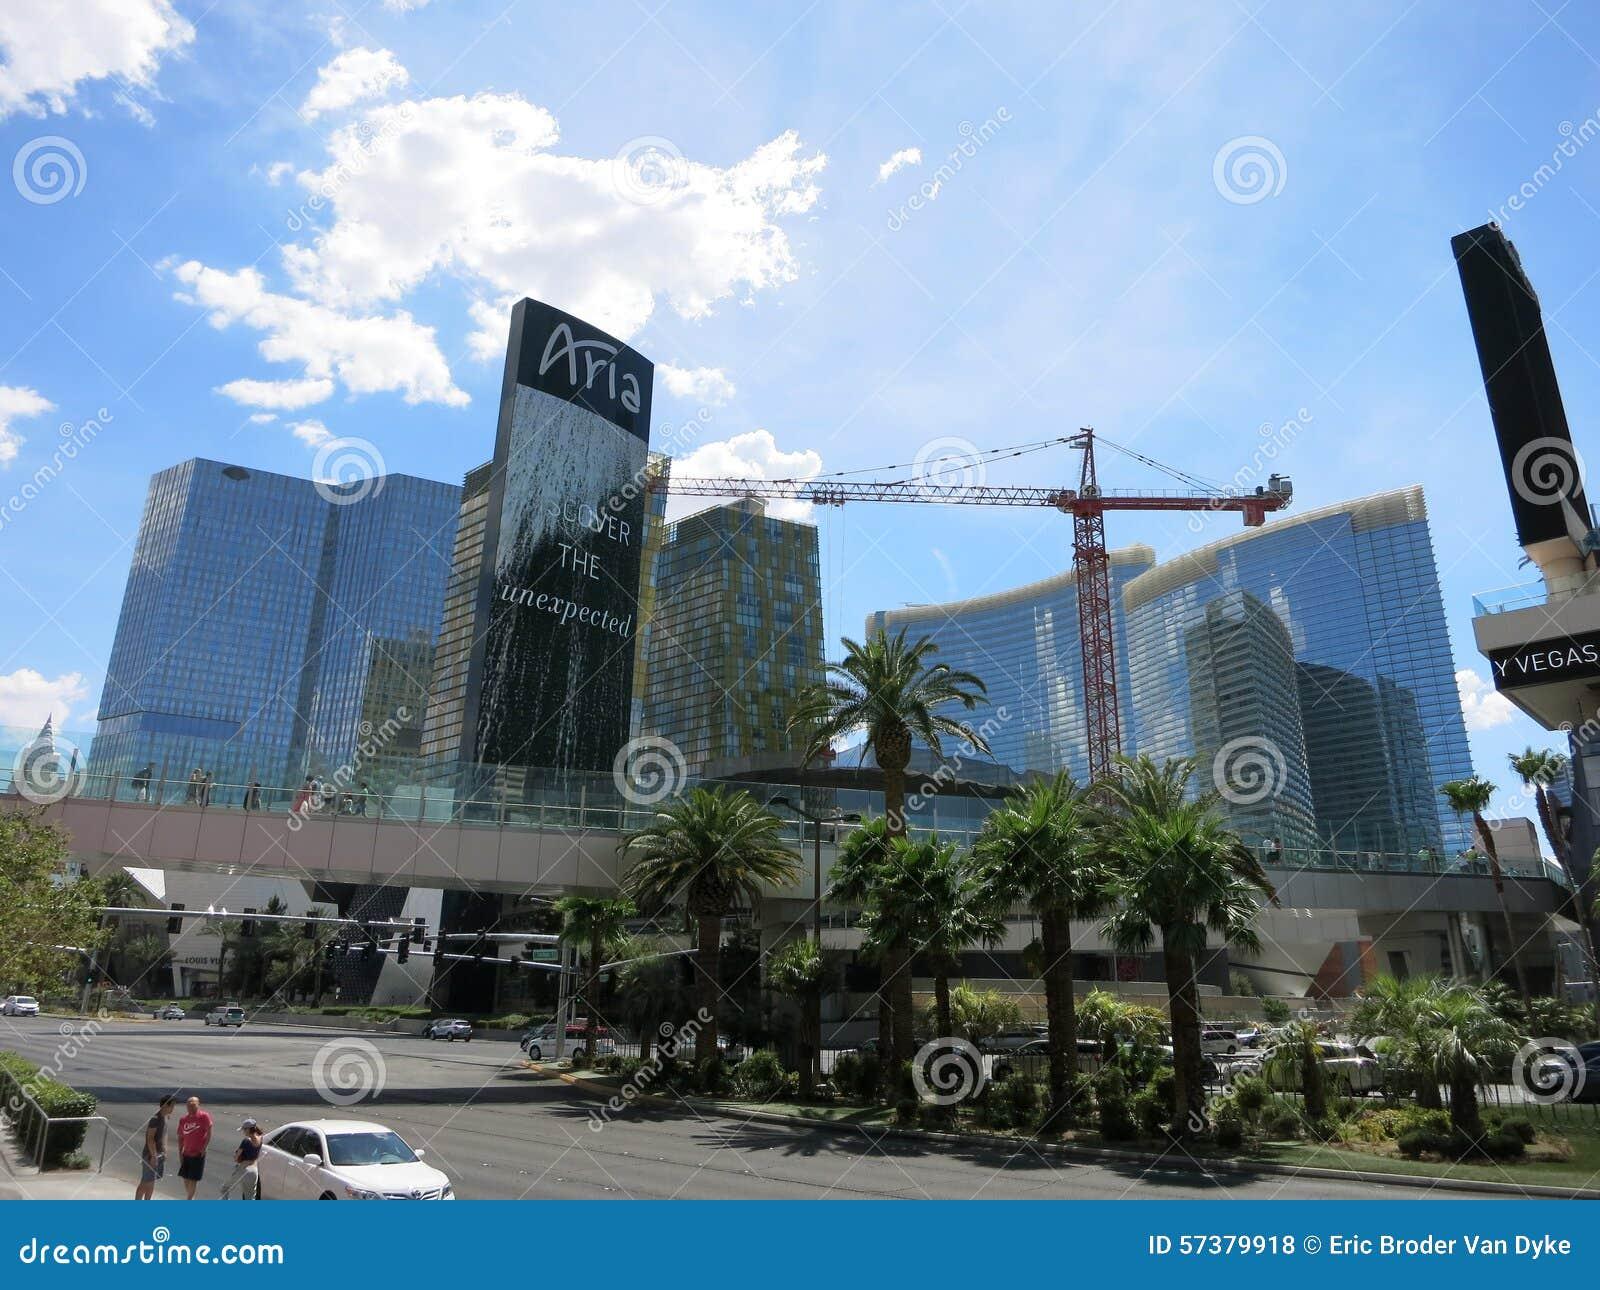 Stadscentrum en Ariahotel